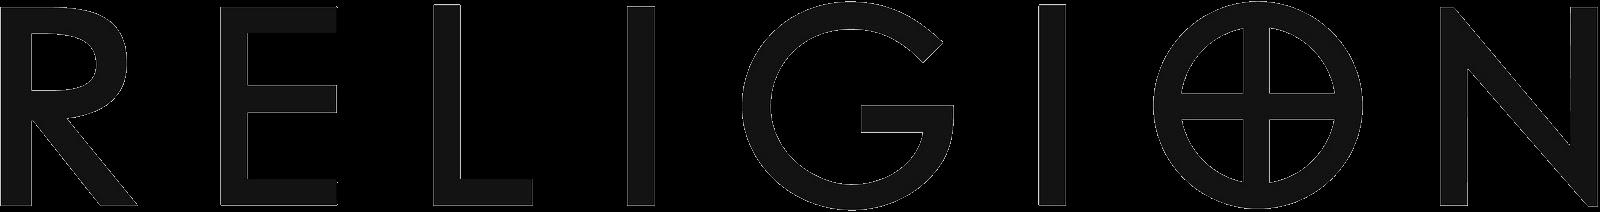 Интернет справочник по православию, астрологии, нумерологии та хиромантии